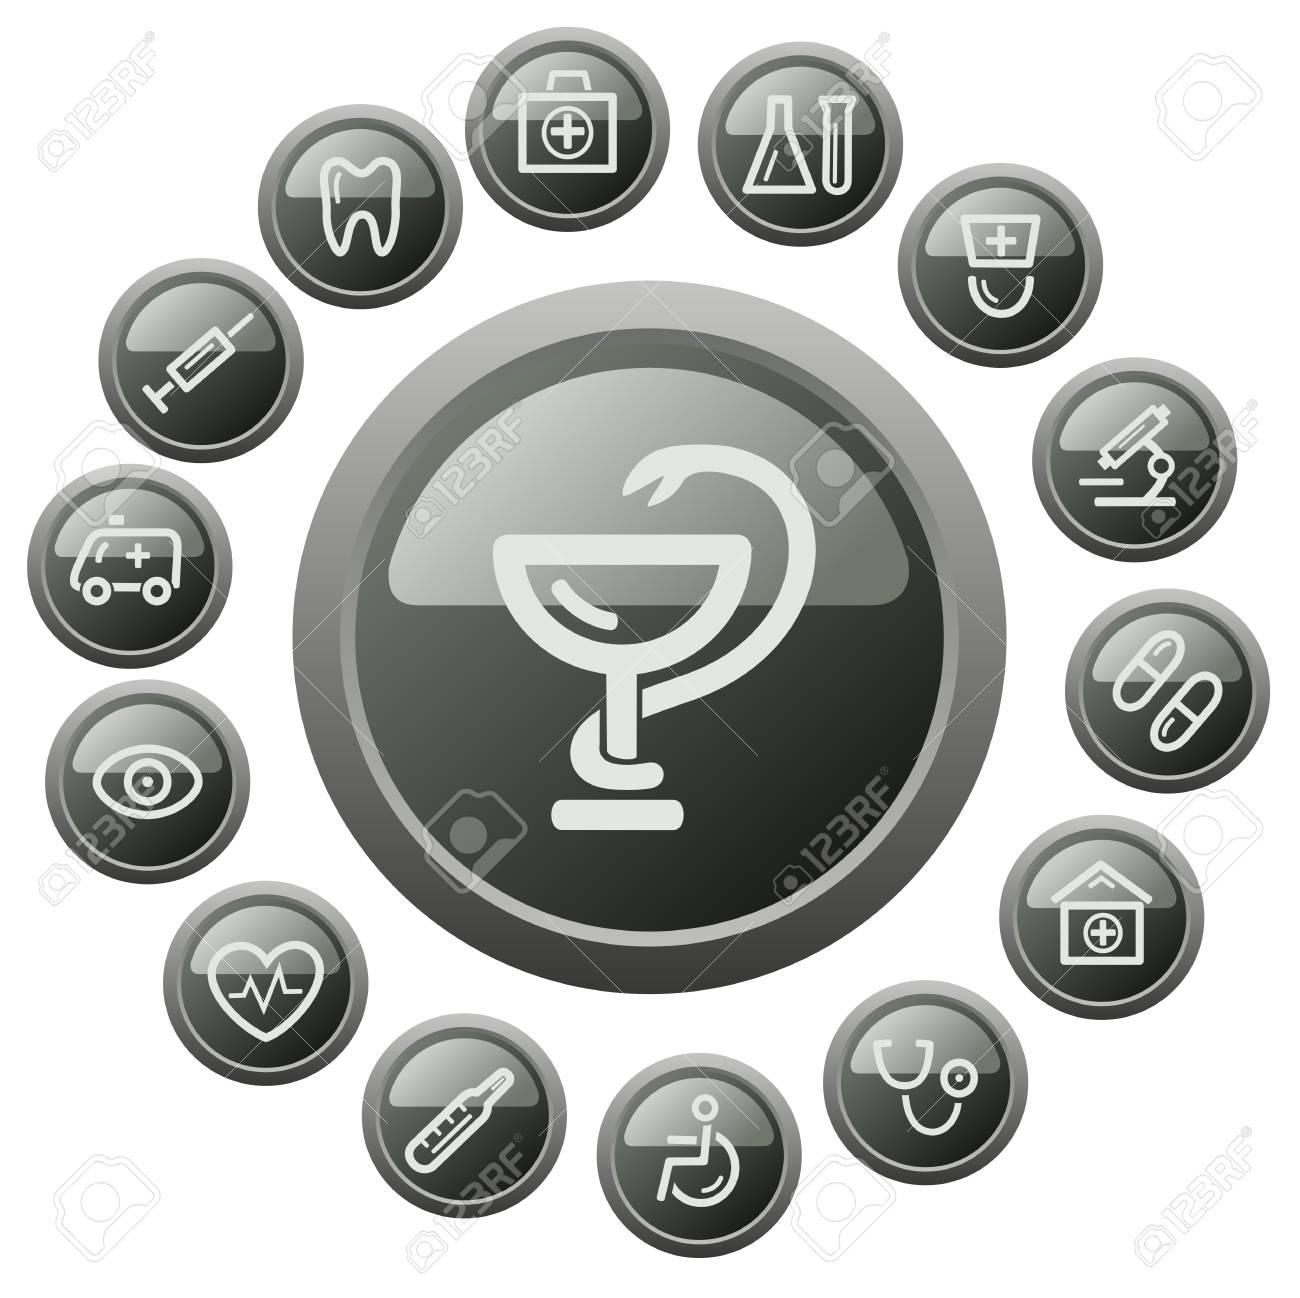 Medical button set Stock Vector - 18014612